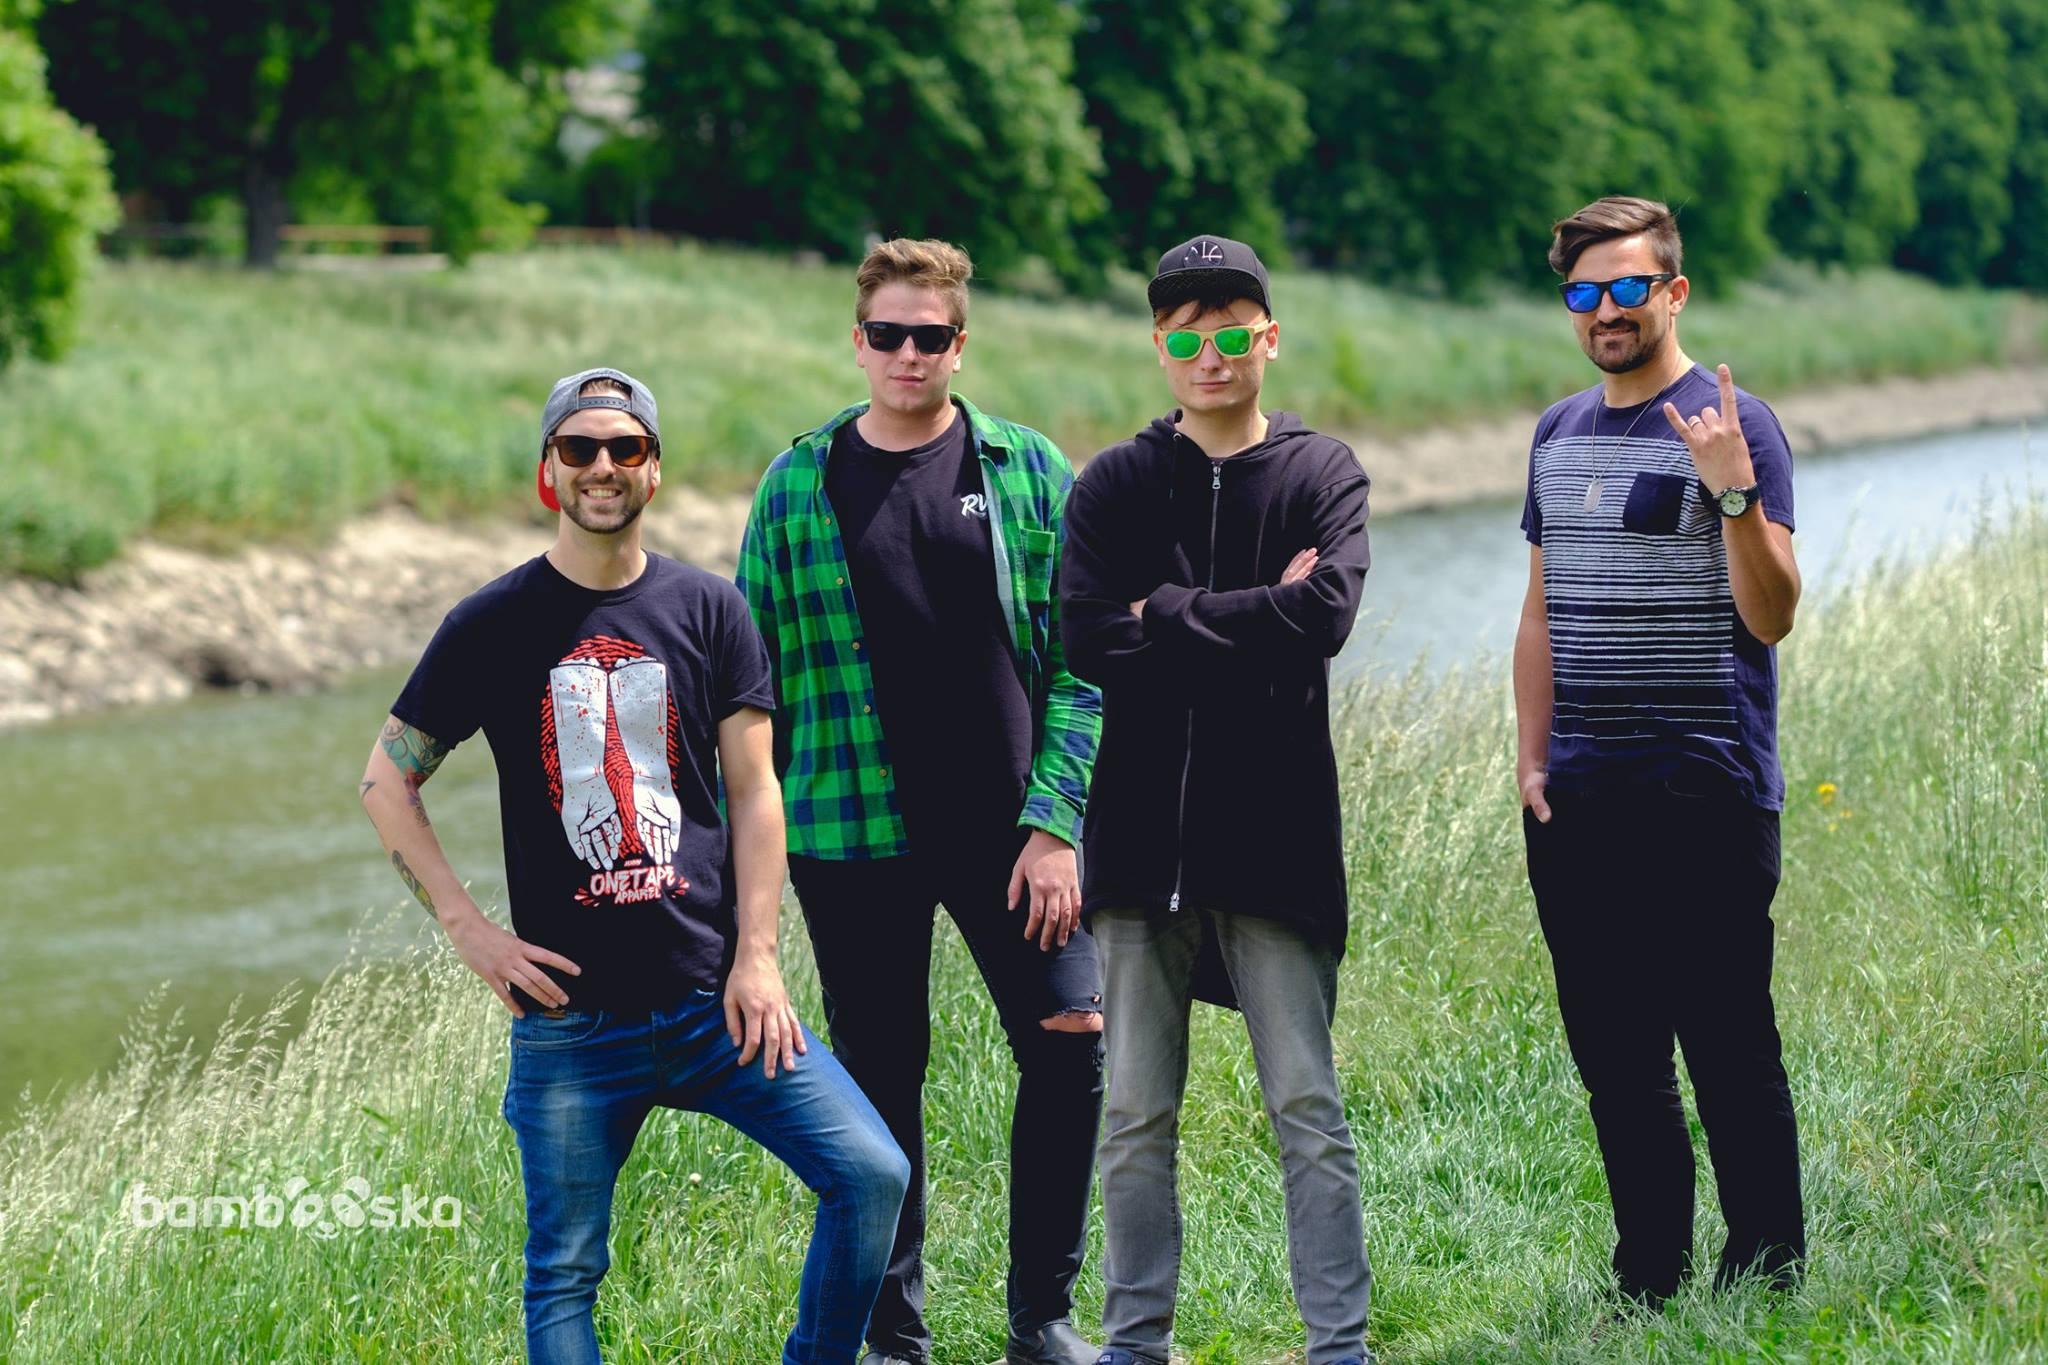 d37089a90 Zoči Voči oslavuje leto uleteným klipom - Kam v meste | moja Nitra